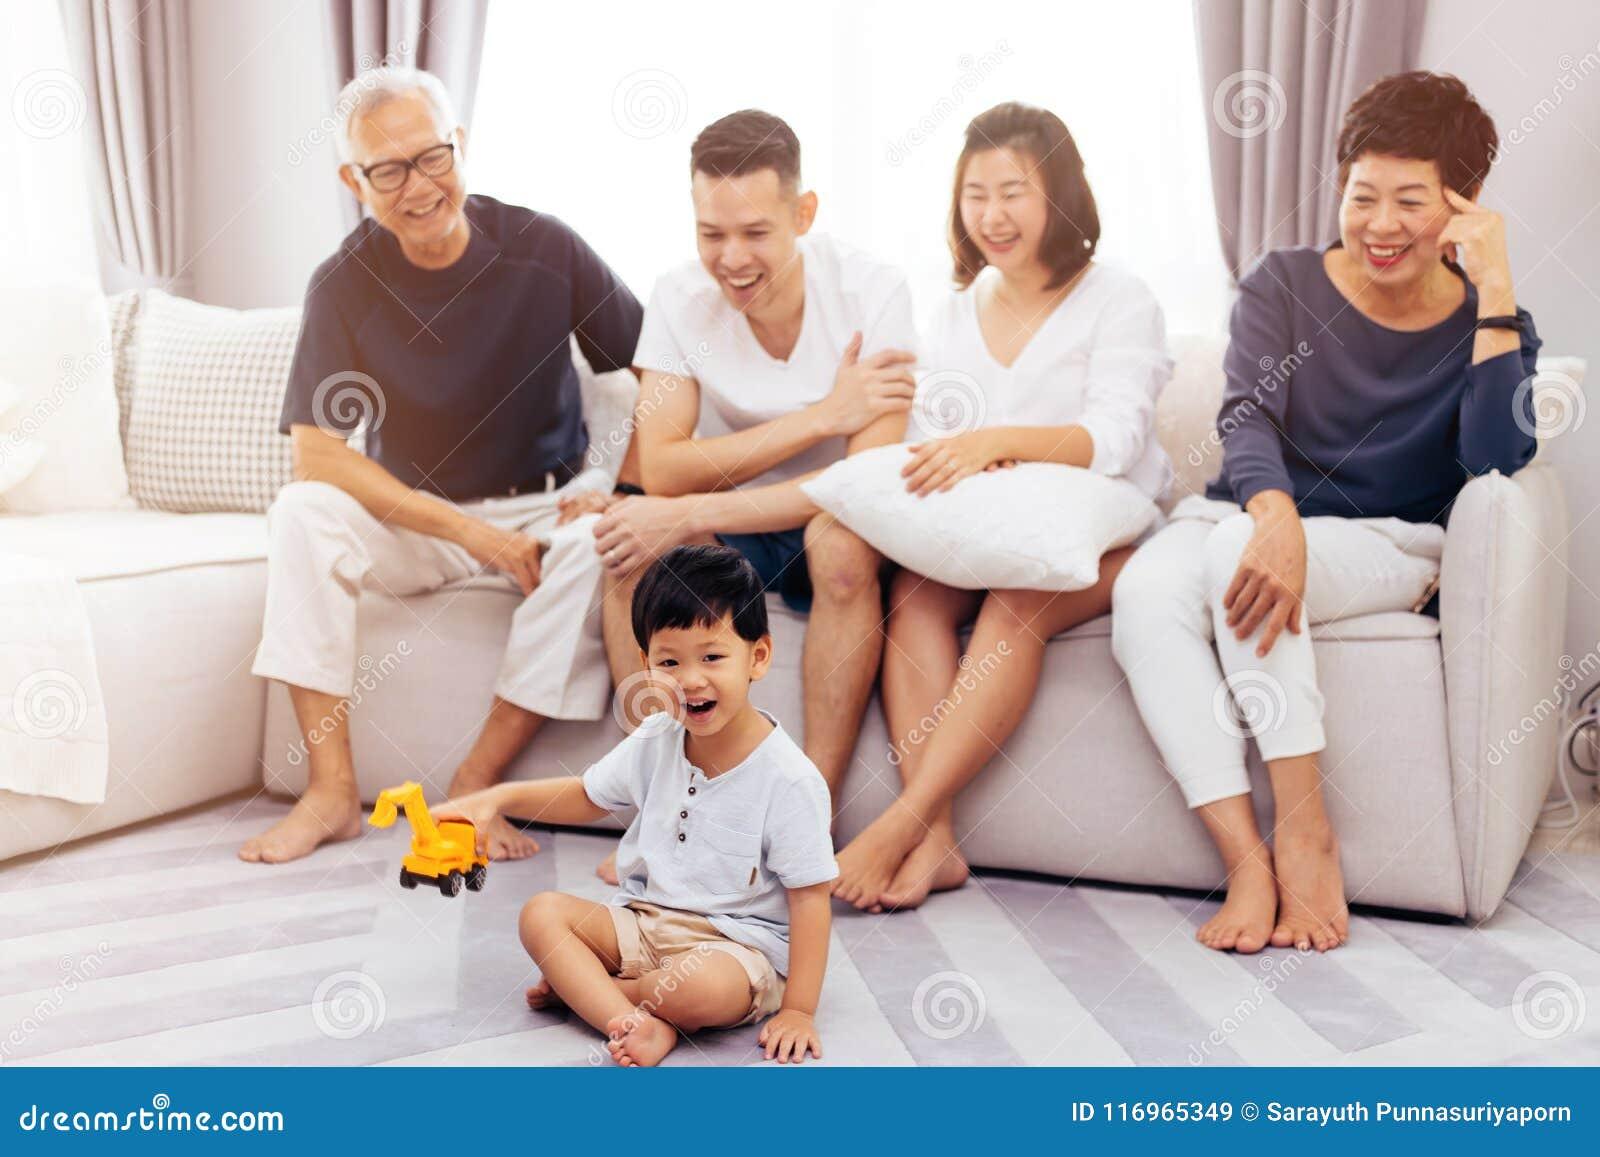 Gelukkige Aziatische uitgebreide familiezitting op bank samen en lettend op weinig kind het spelen stuk speelgoed op de vloer met